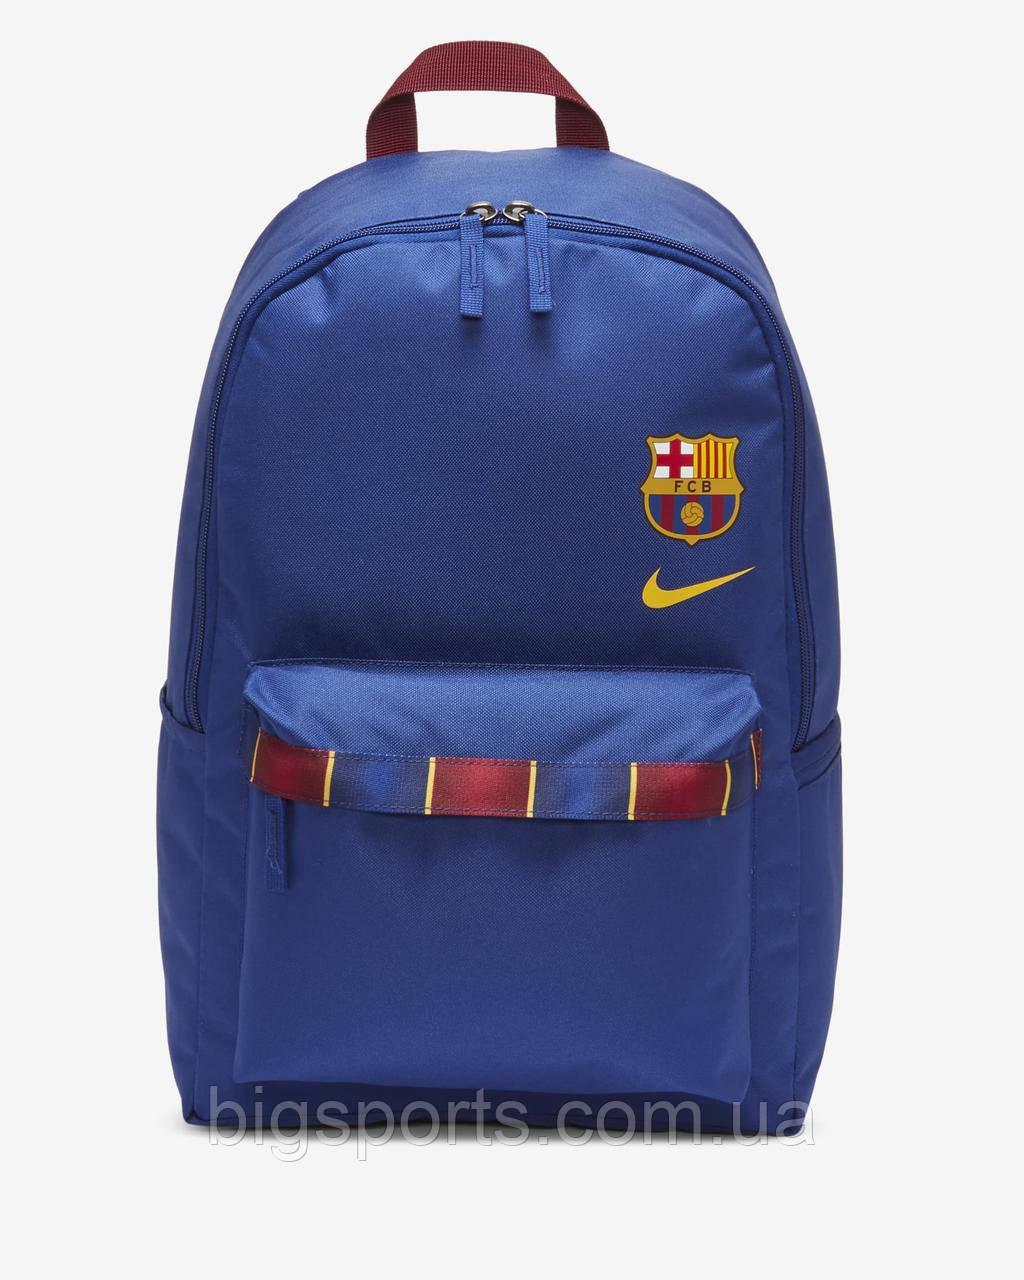 Рюкзак спортивный Nike FC Barcelona Stadium Backpack (арт. CK6519-421)